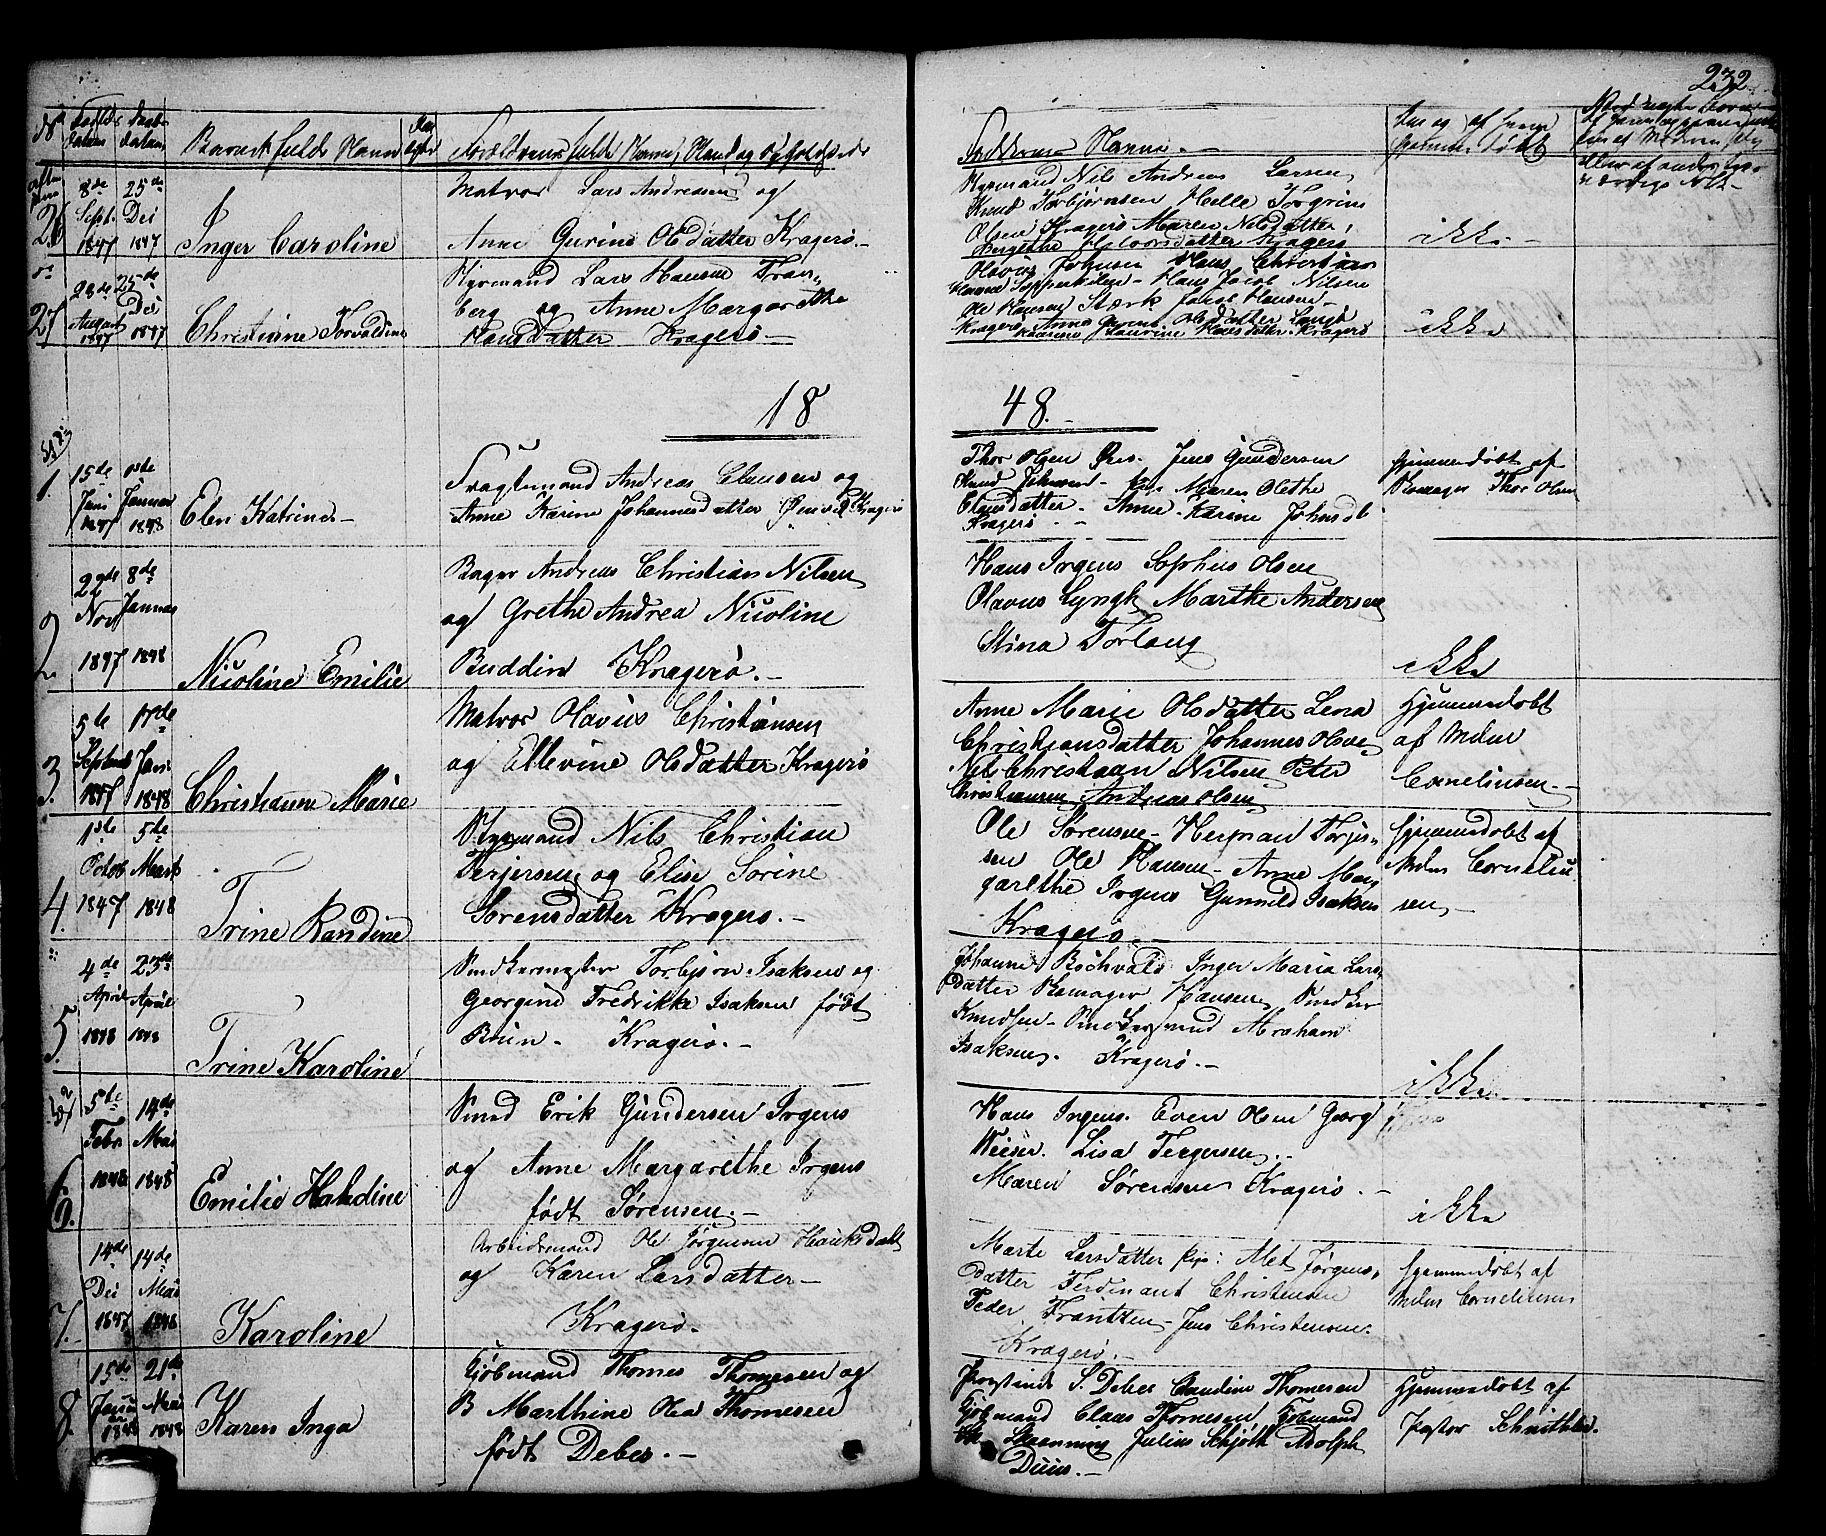 SAKO, Kragerø kirkebøker, G/Ga/L0003: Klokkerbok nr. 3, 1832-1852, s. 232